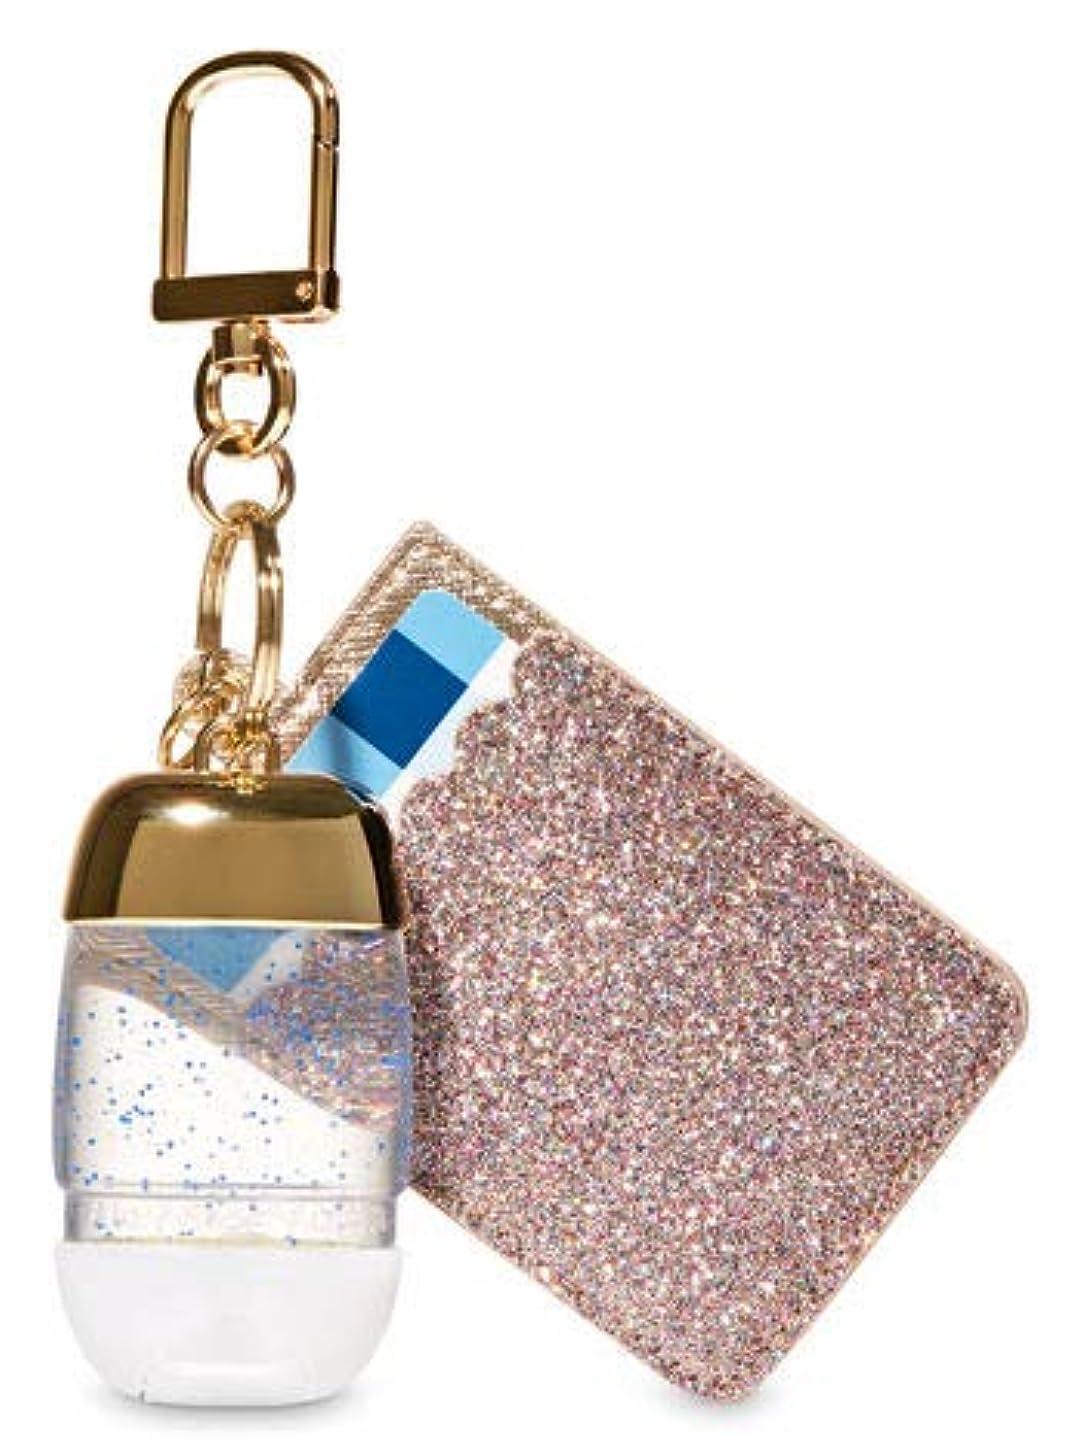 気をつけて疎外する鋸歯状【Bath&Body Works/バス&ボディワークス】 抗菌ハンドジェルホルダー カードケース グリッターゴールド Credit Card & PocketBac Holder Glitterly Gold [並行輸入品]